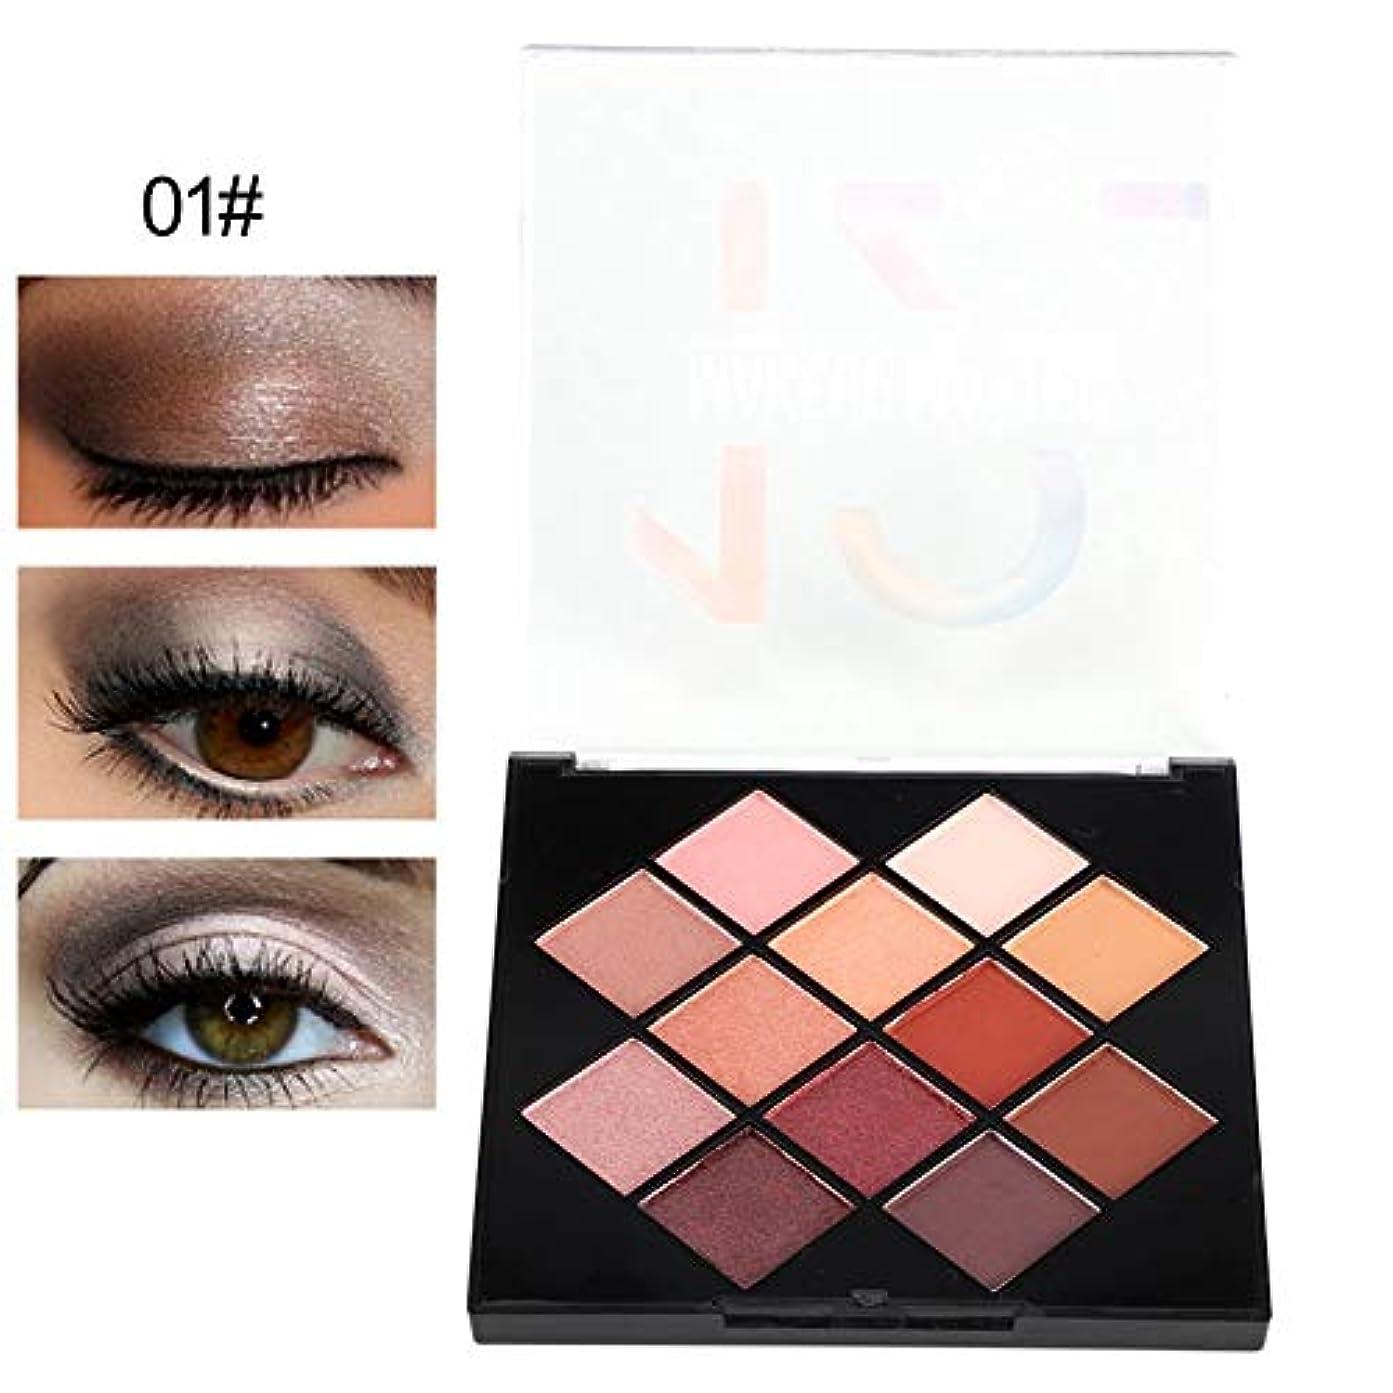 水平監査洗練アイシャドウパレット 12色 化粧マット 化粧品ツール グロス アイシャドウパウダー (01)